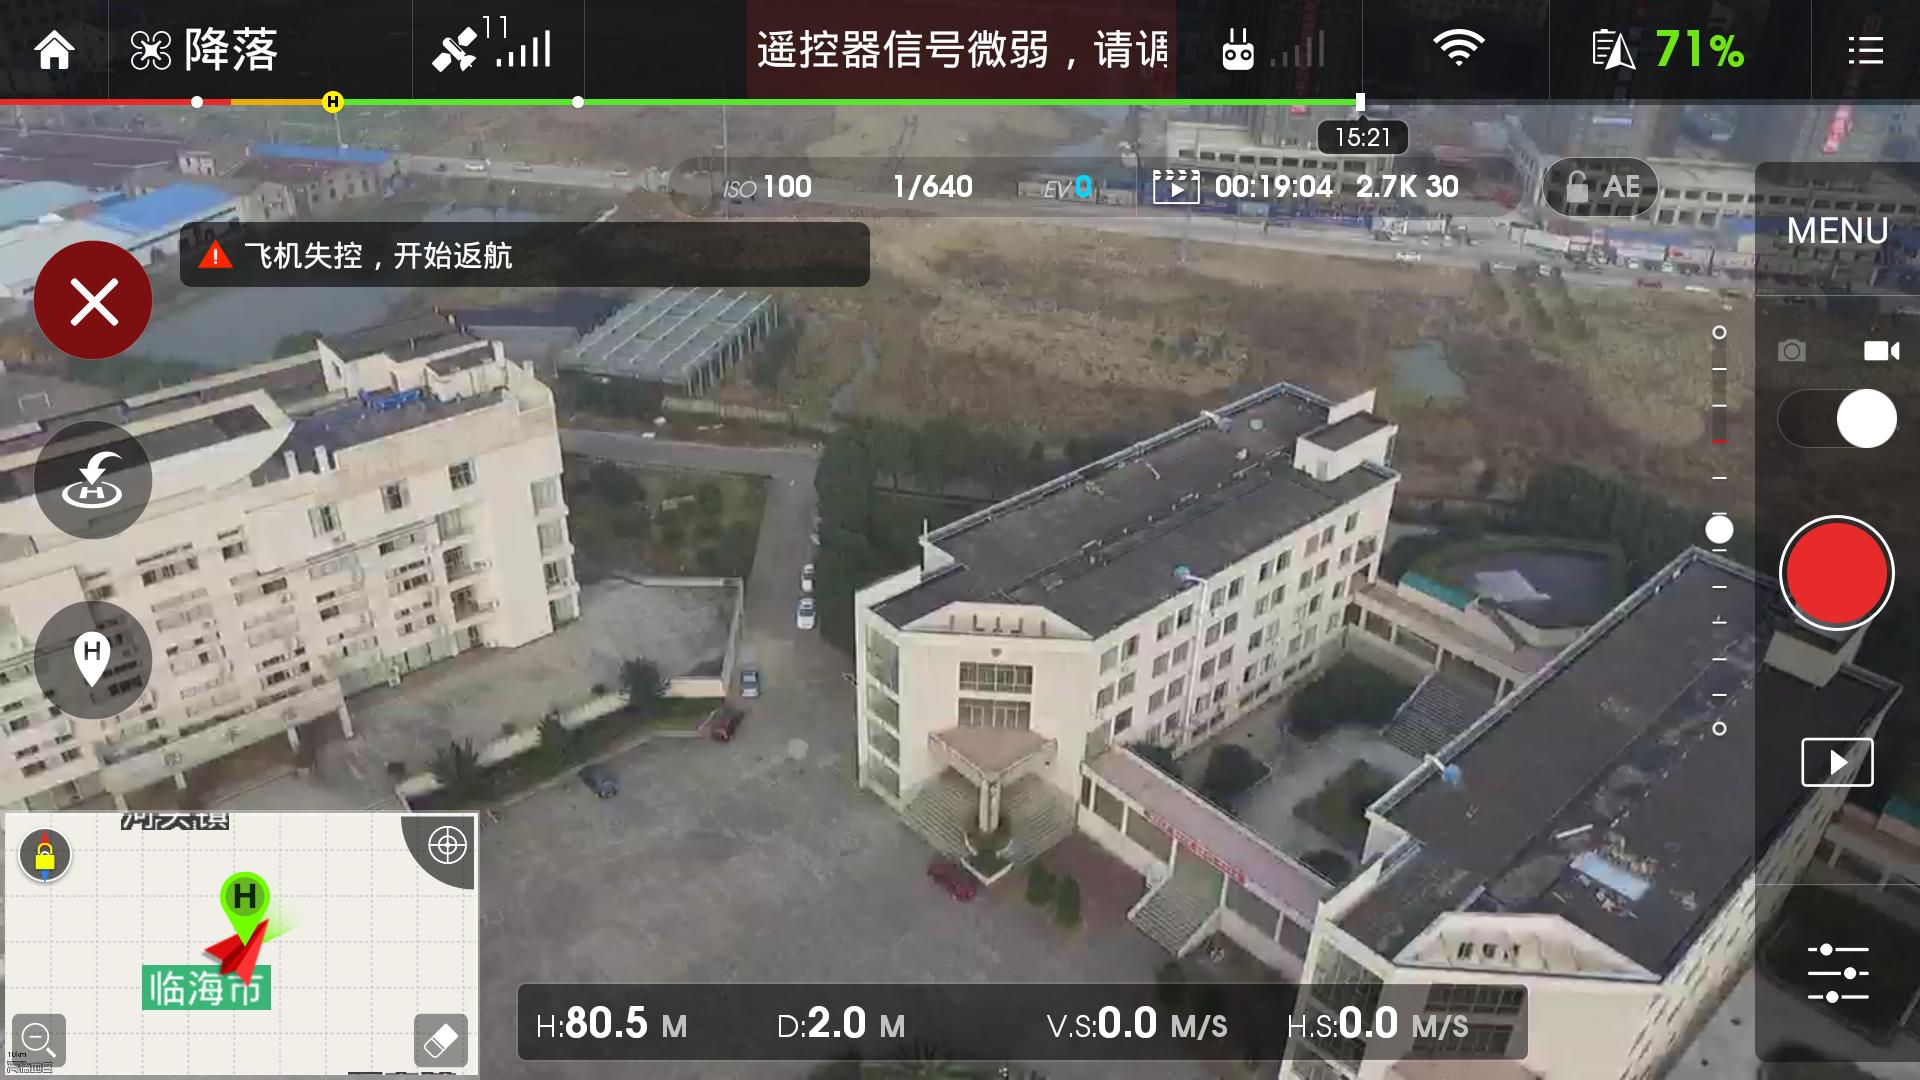 Screenshot_2015-12-31-14-28-33_dji.pilot.png